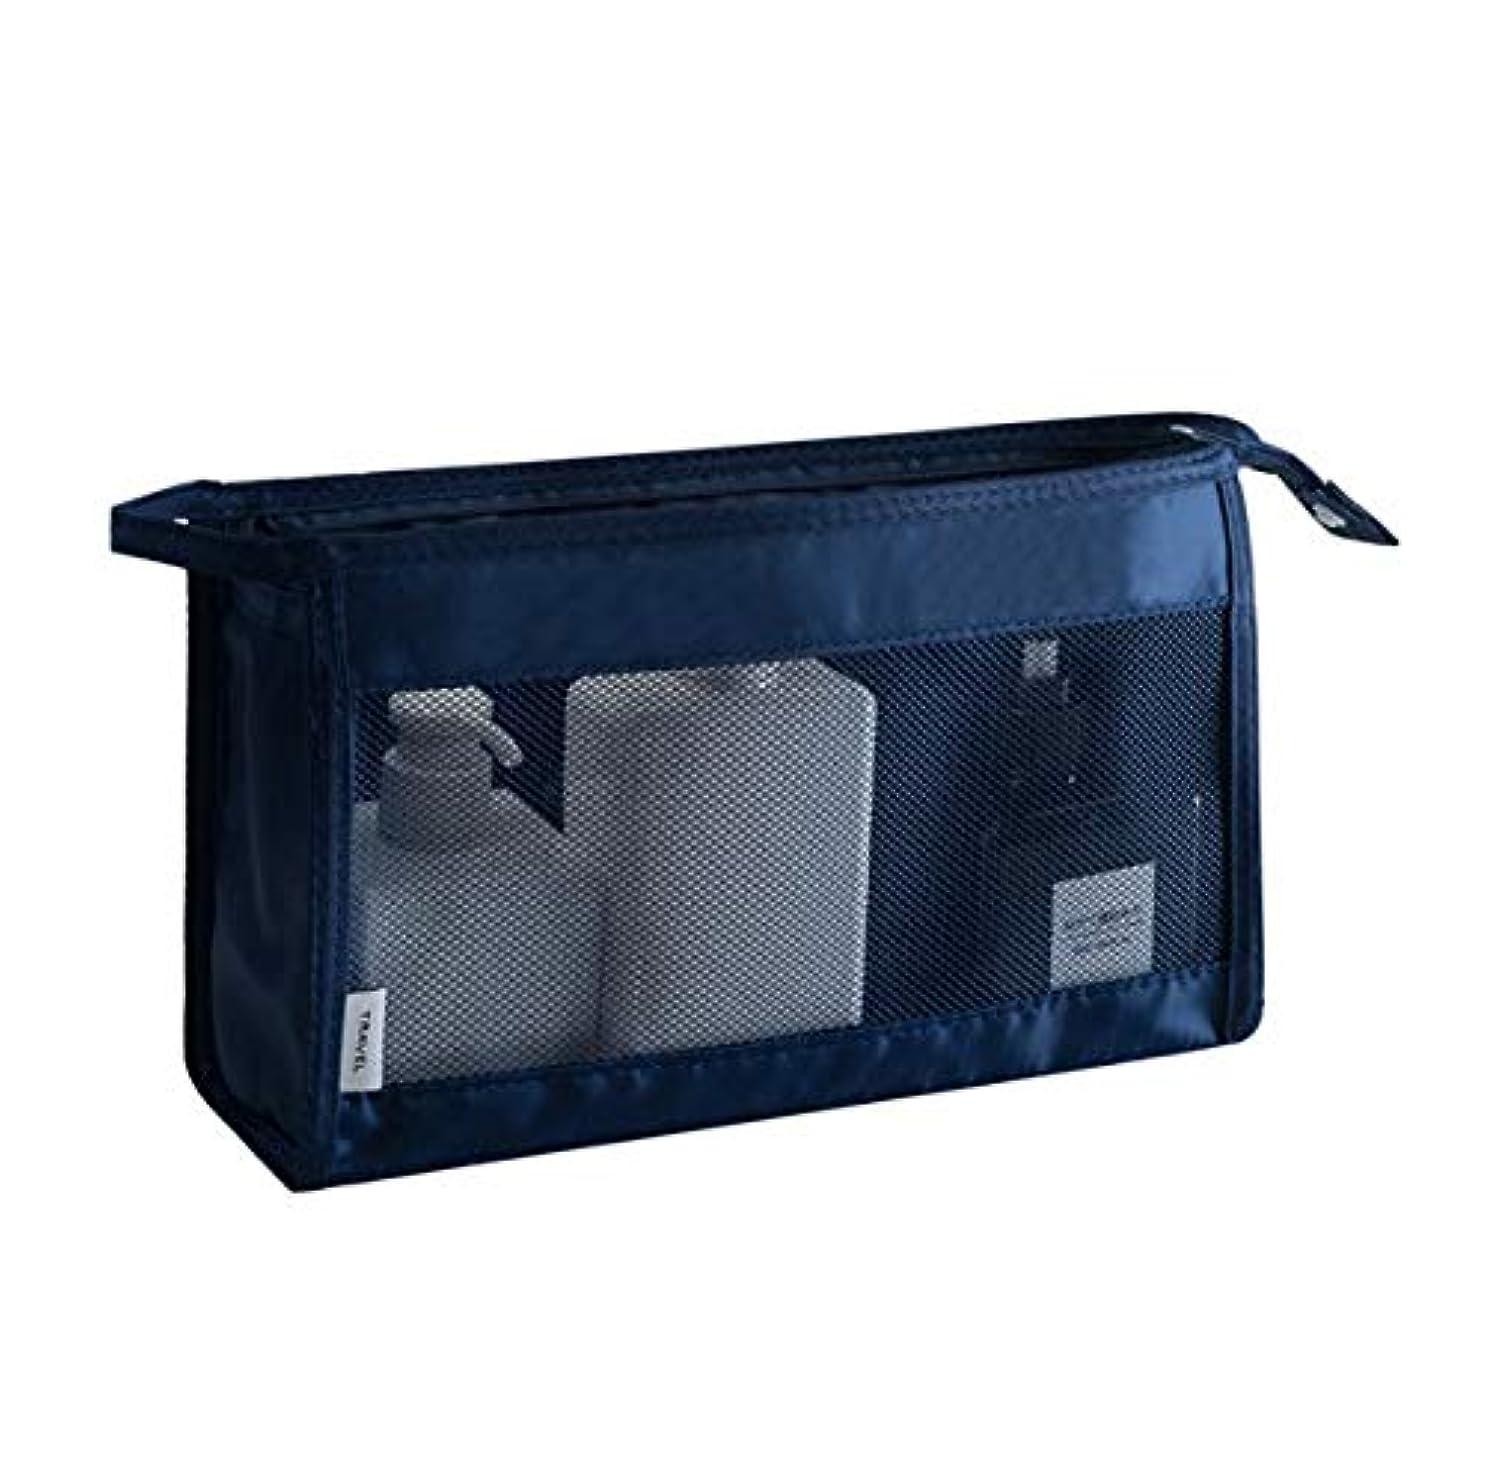 塩を除くヒップShiMin 化粧バッグ、旅行用収納バッグ、ポータブルハンギング防水ウォッシュバッグ、メンズとレディースウォッシュバッグ (Color : Dark Blue)